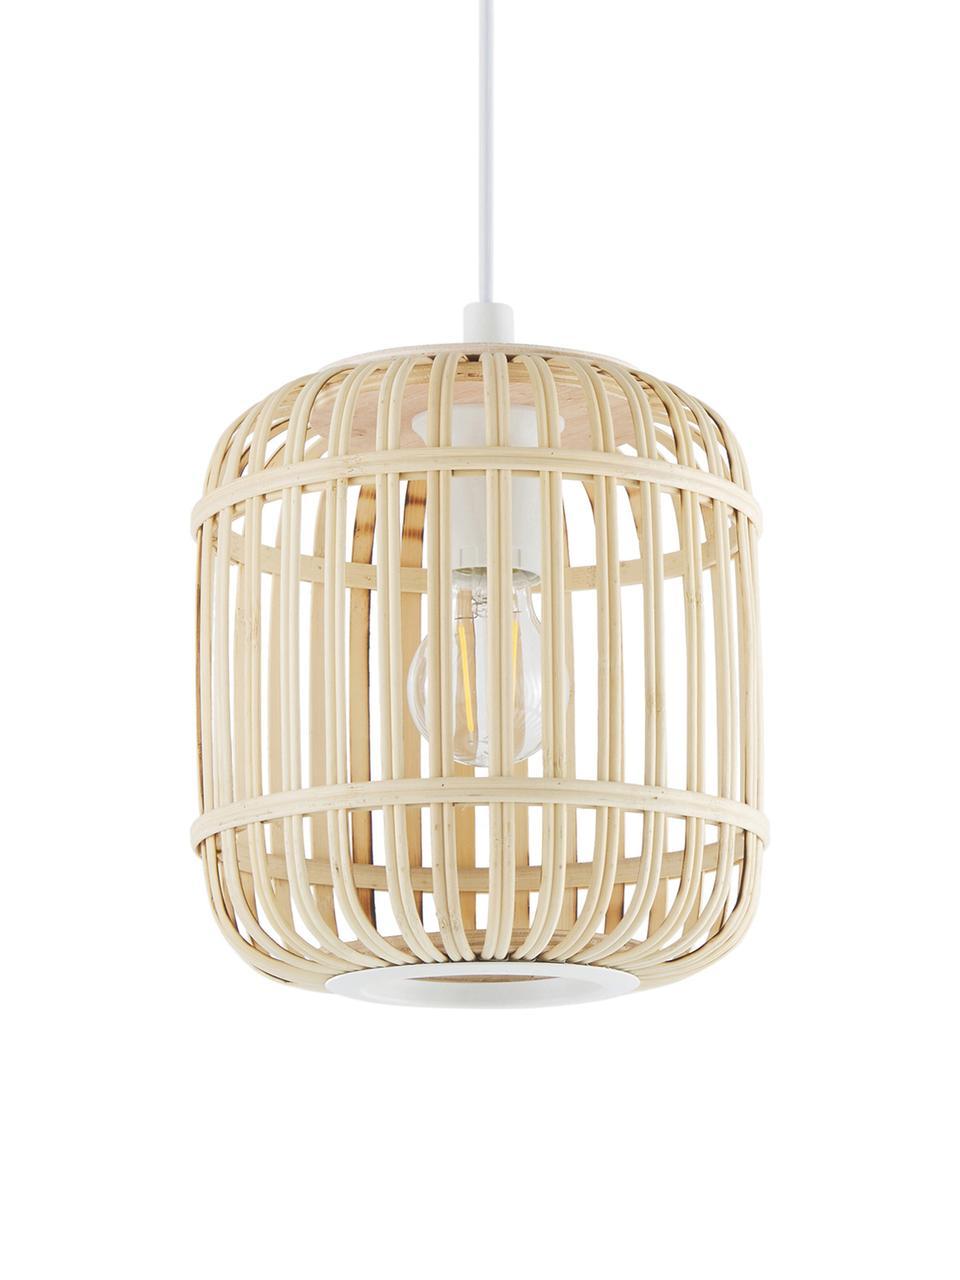 Kleine Pendelleuchte Adam aus Bambus, Lampenschirm: Bambus, Holz, Baldachin: Metall, pulverbeschichtet, Weiß, Beige, Ø 21 x H 24 cm